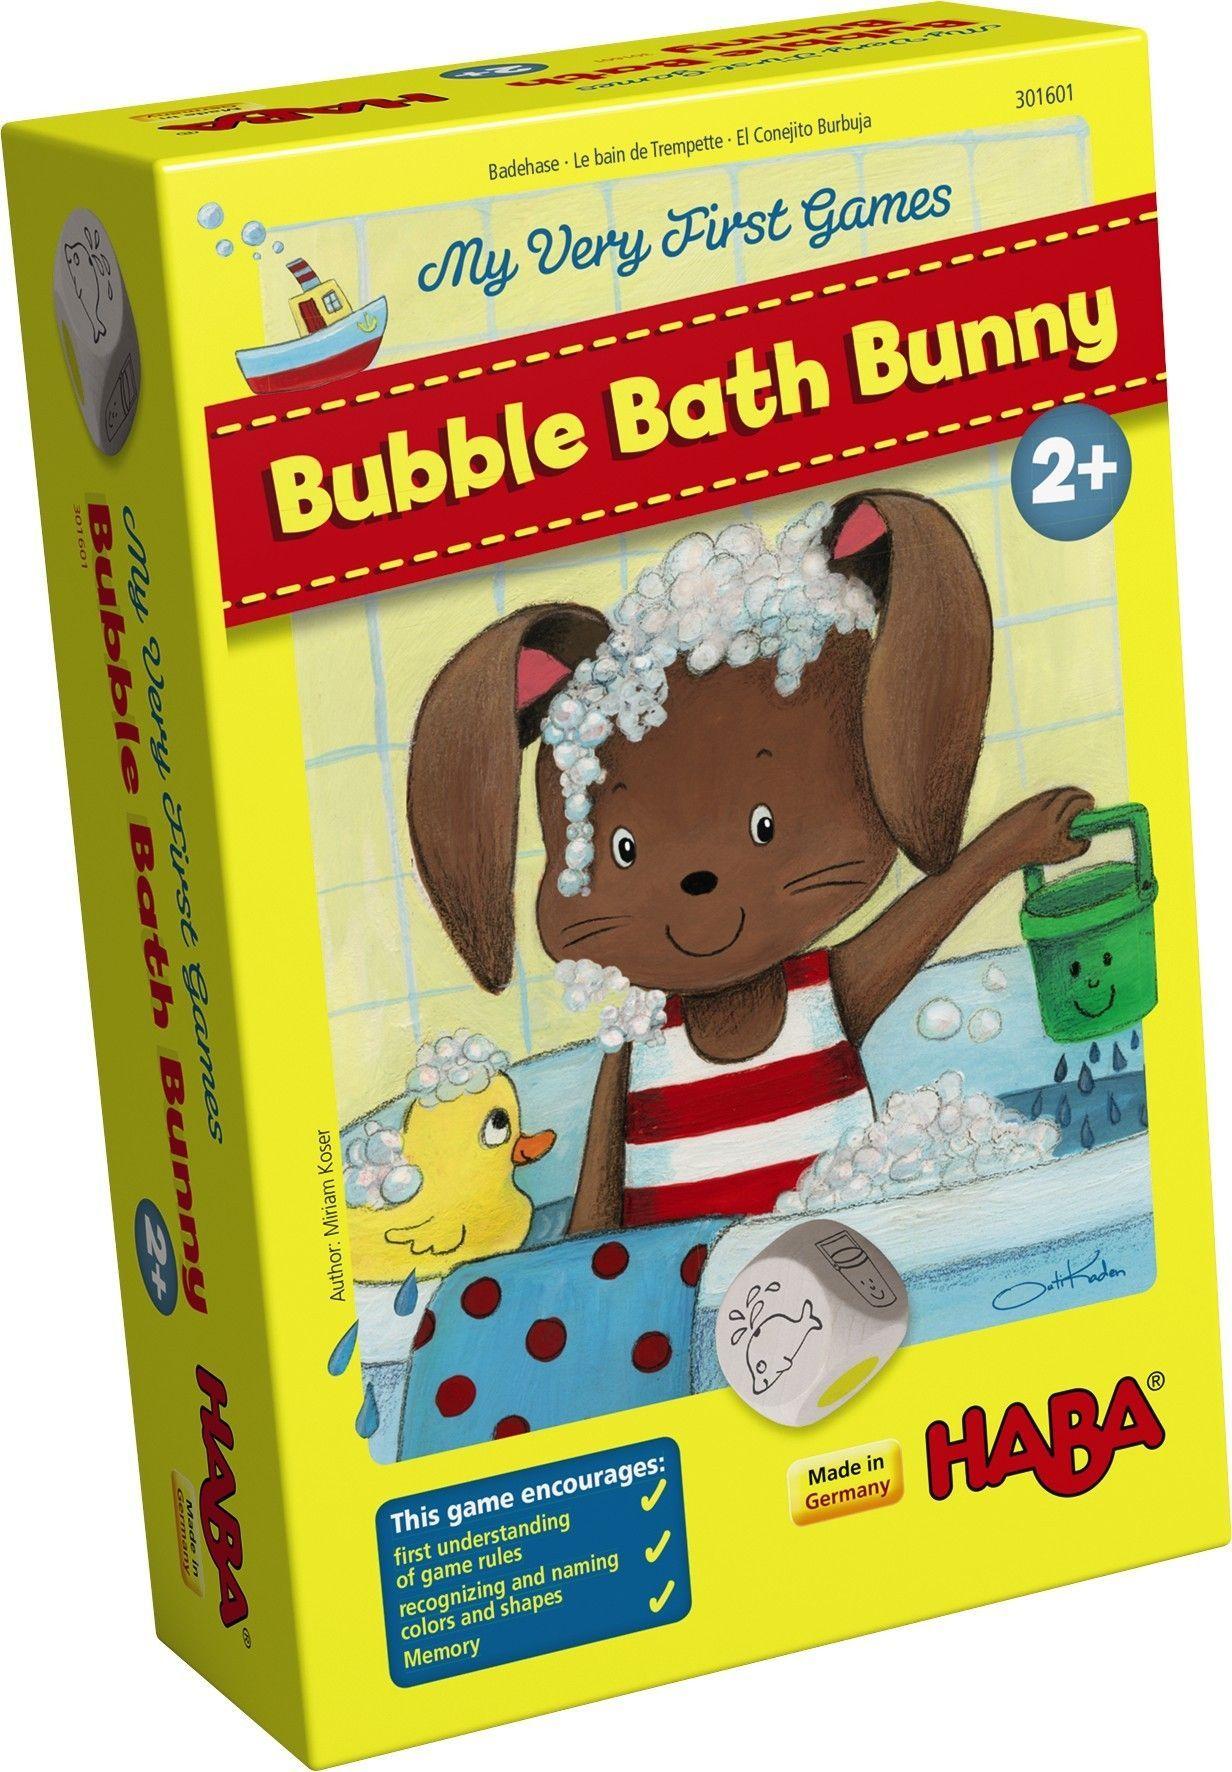 настольная игра Bubble Bath Bunny Кролик для ванны с пузырьками